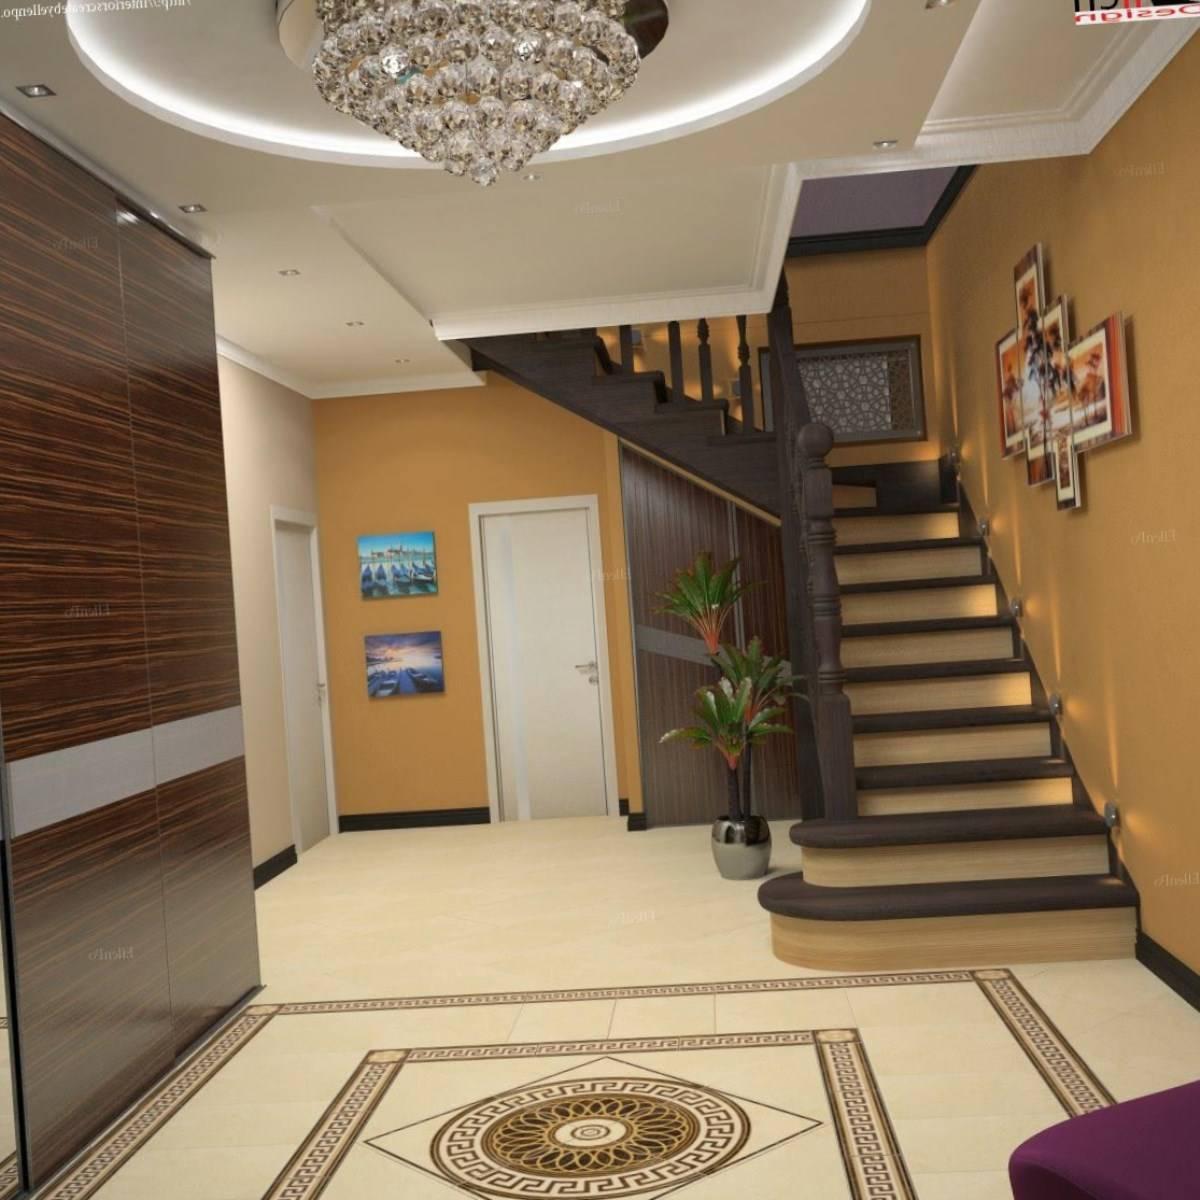 Дизайн коридора, в котором есть лестница (56 фото)